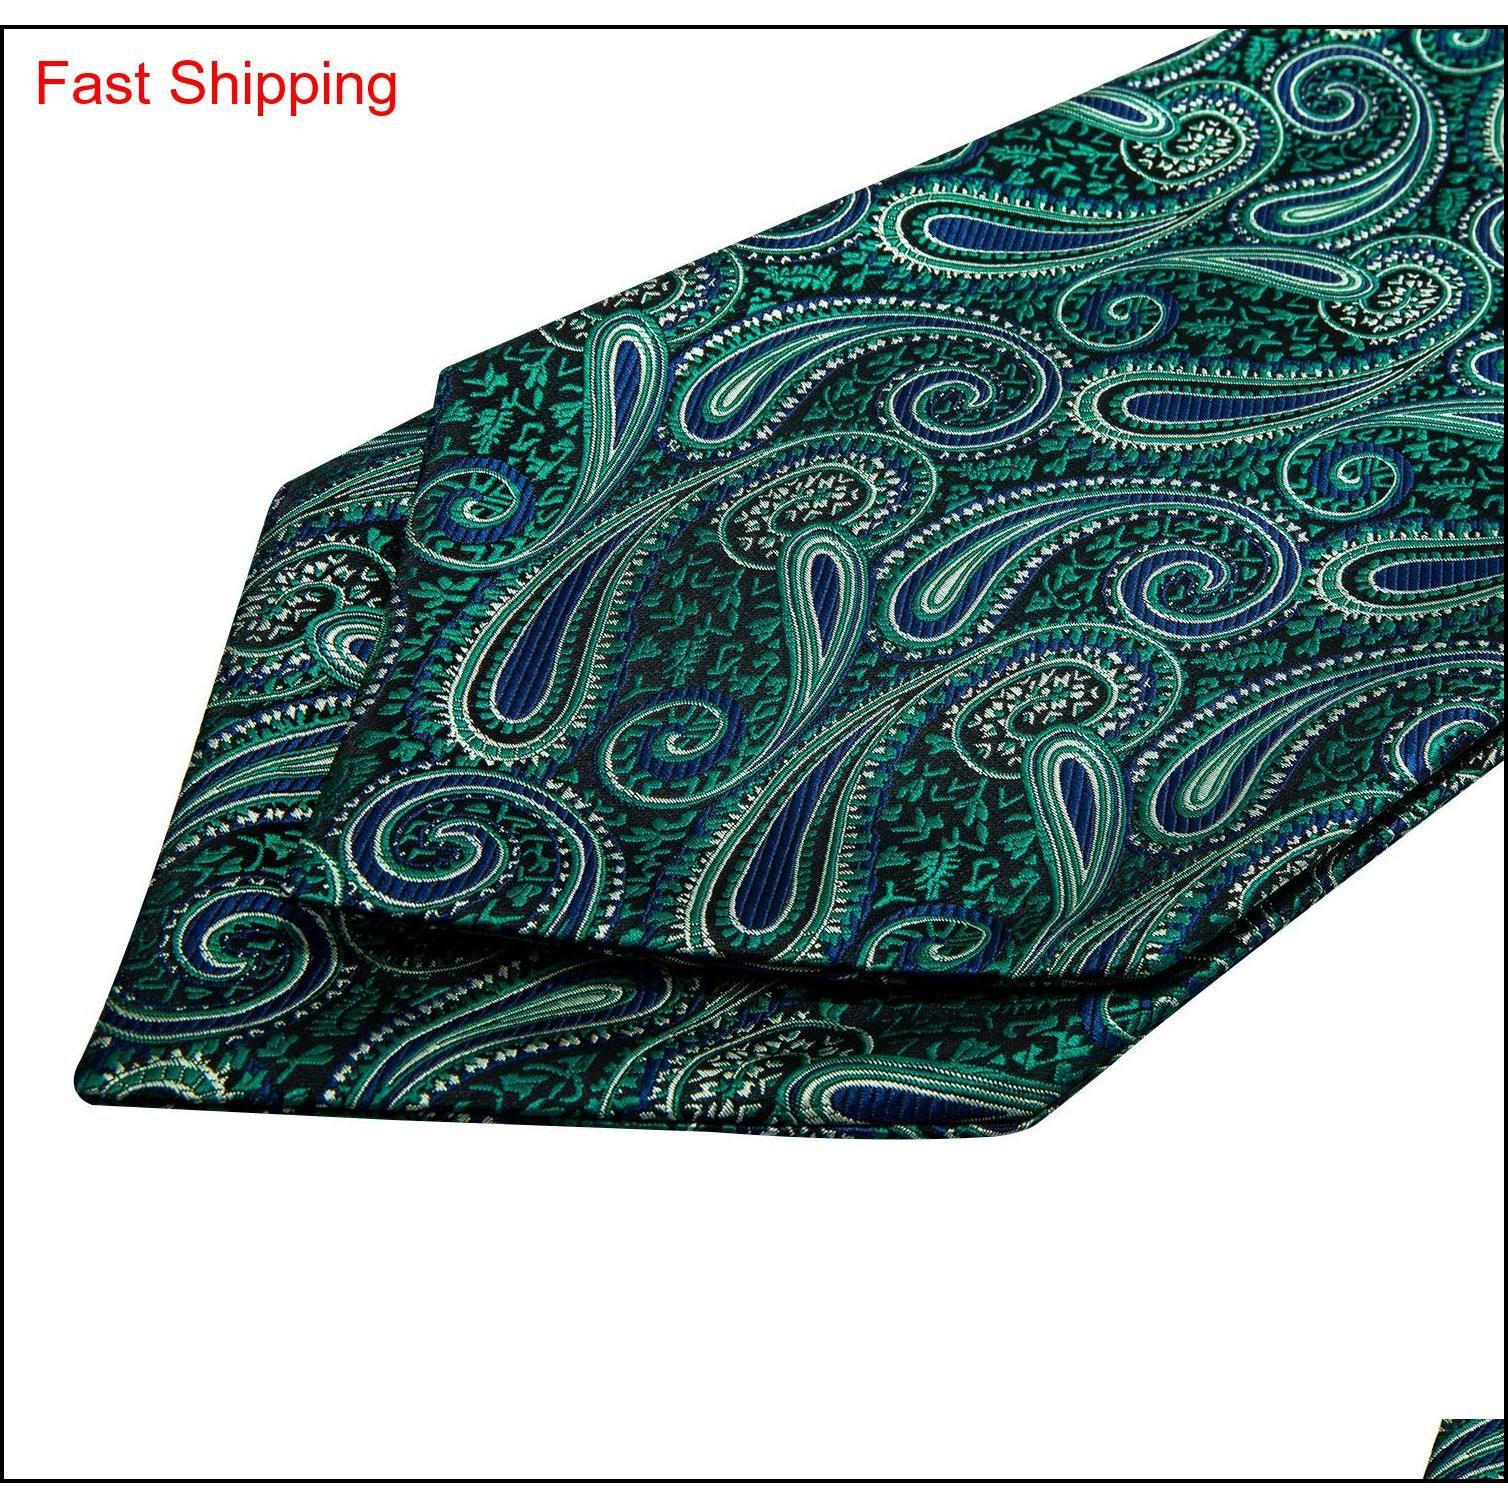 Hi-Kravat Yeşil Çiçek 100% Ipek Ascot Cep Kare Cadde Cravat Seti Casual Jakarlı Elbise Atkılar Qylutj Homes2007